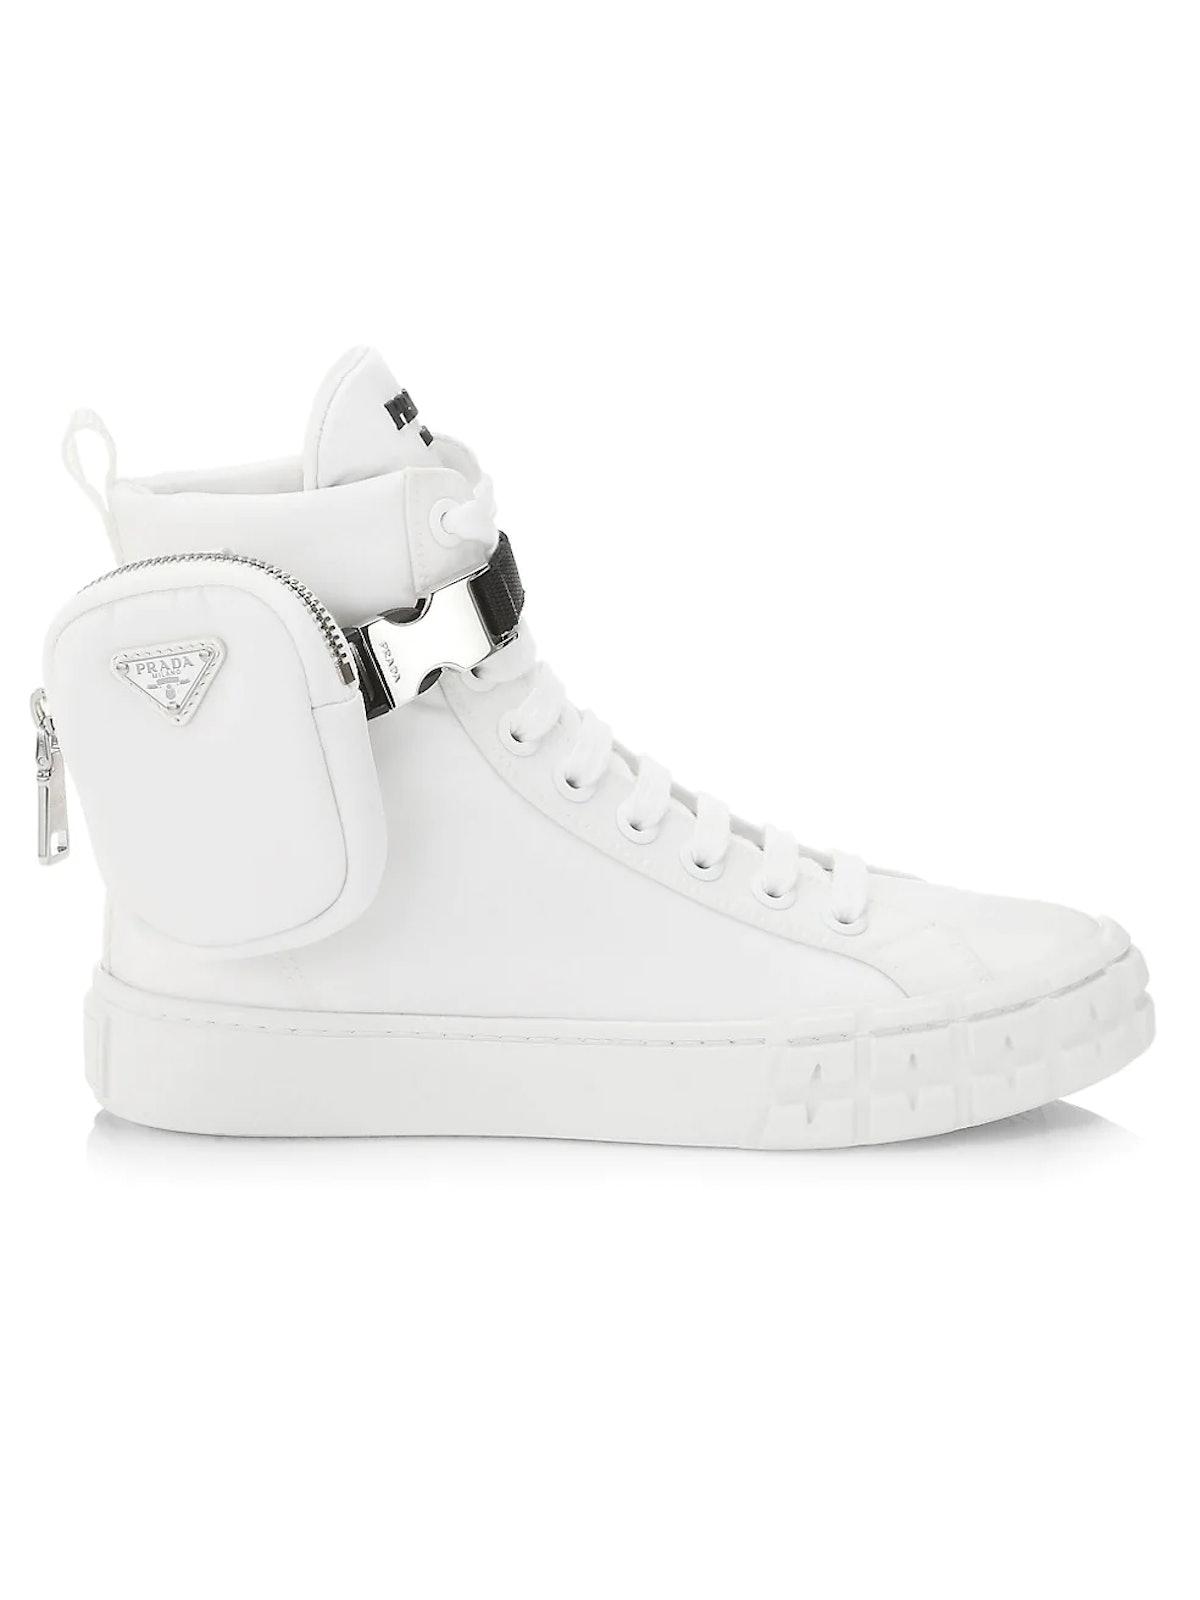 Prada Pocket High-Top Sneakers